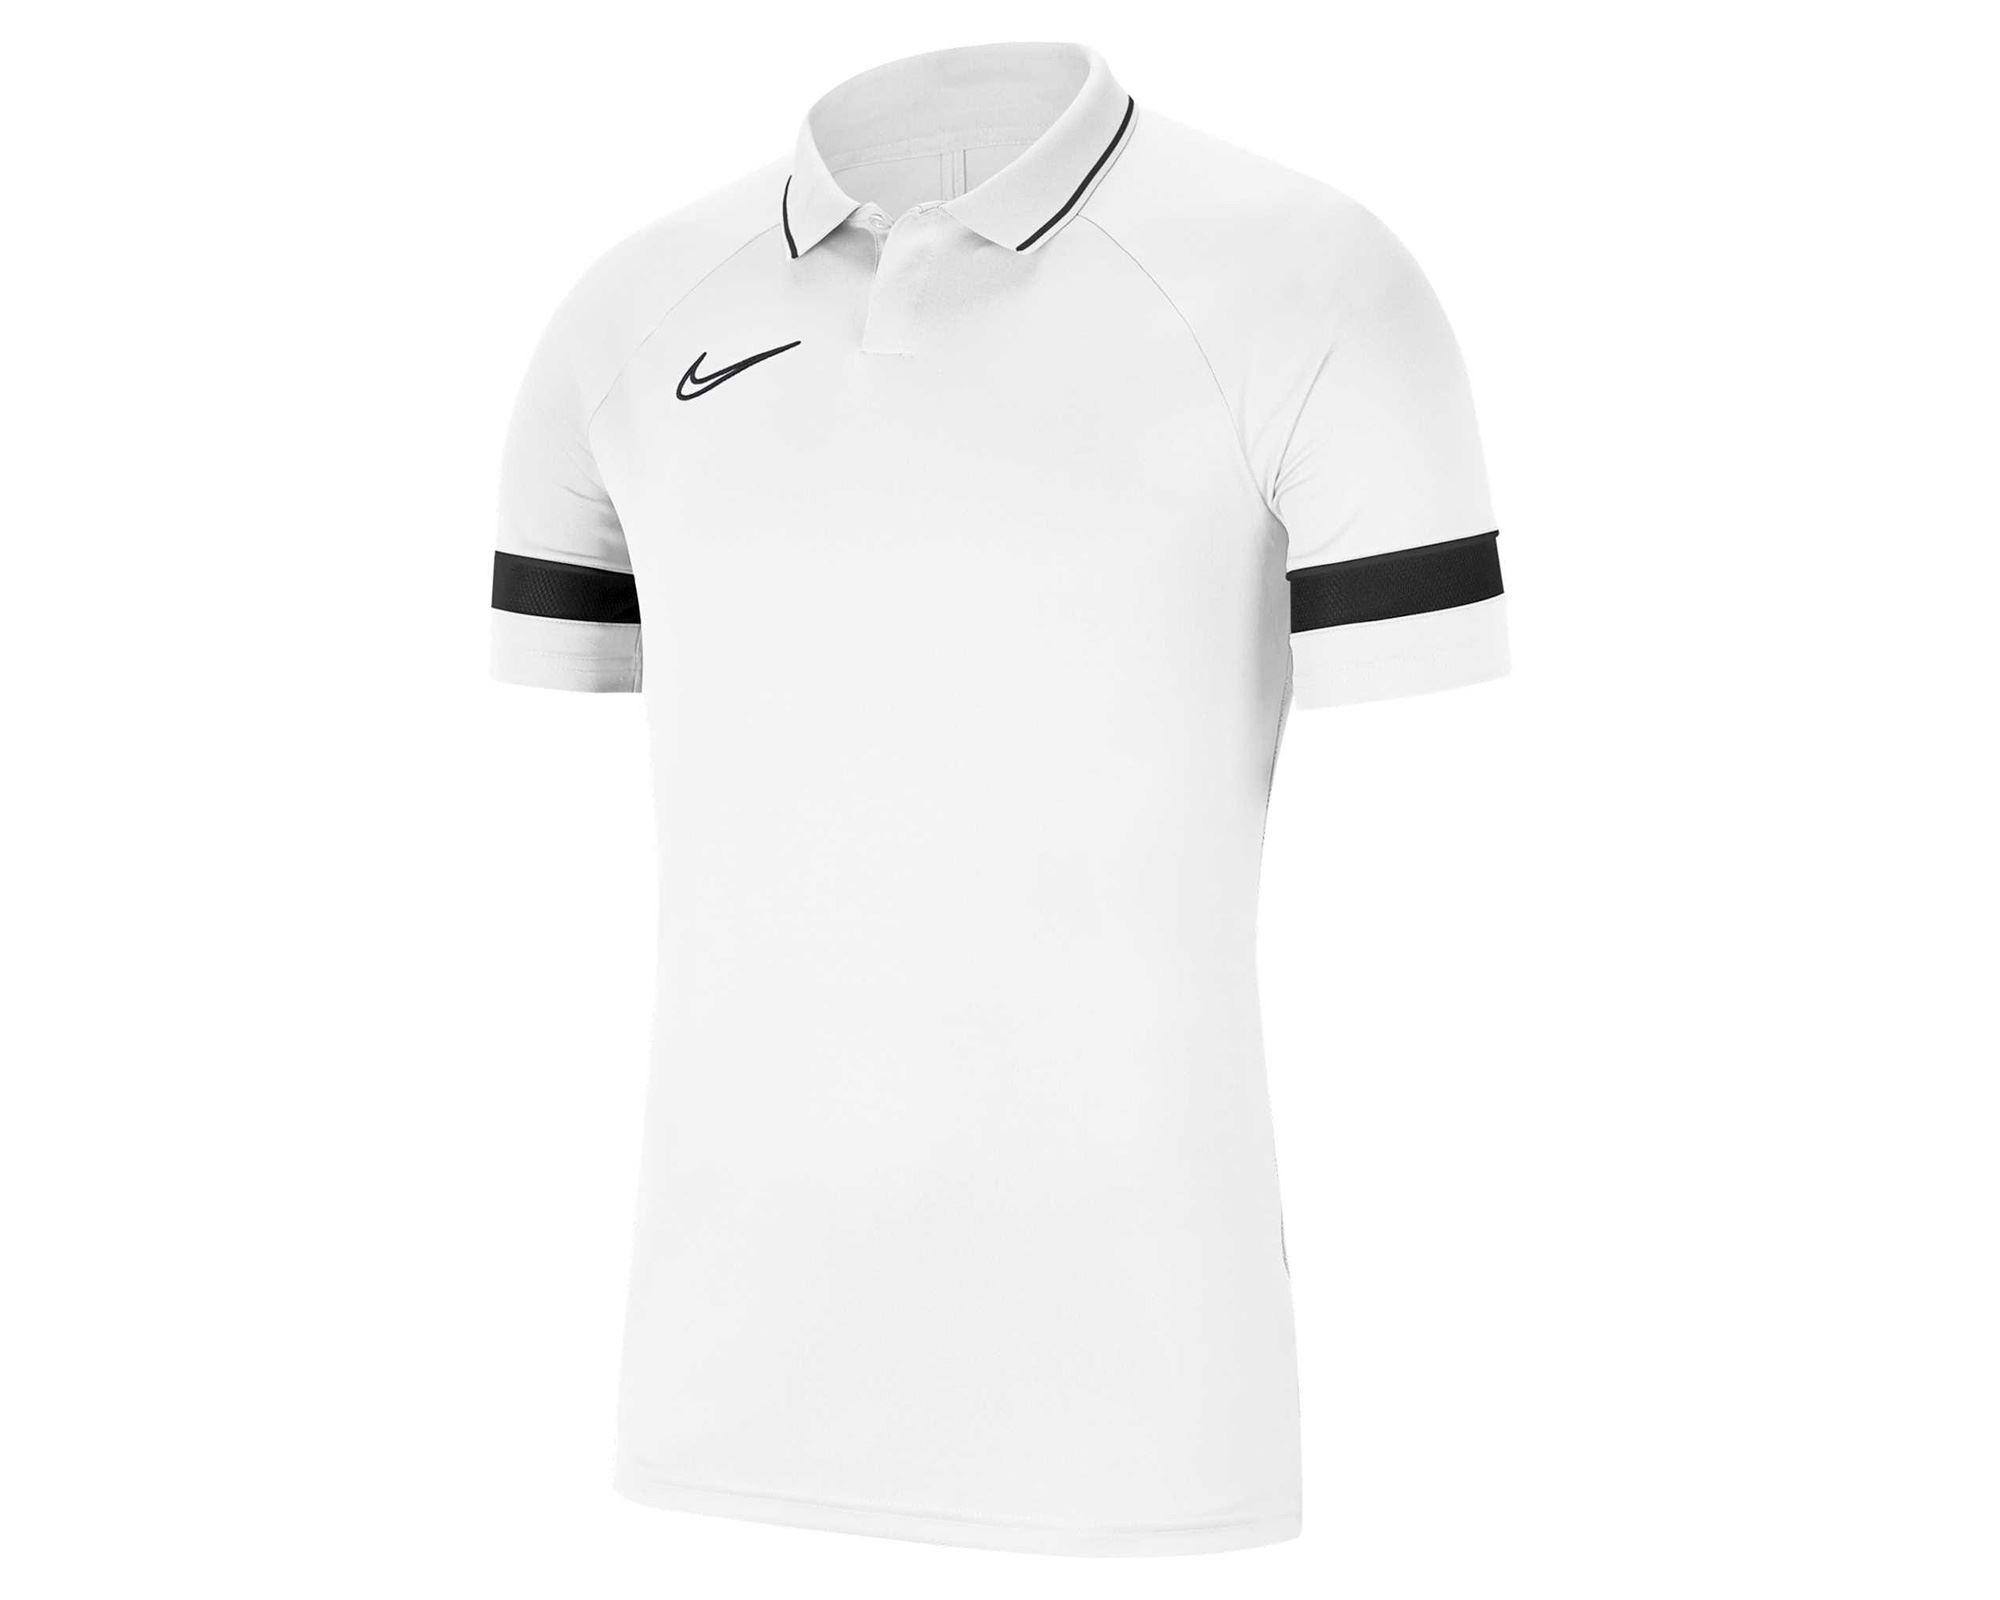 Academy 21 Erkek Beyaz Polo Tişört (CW6104-100)